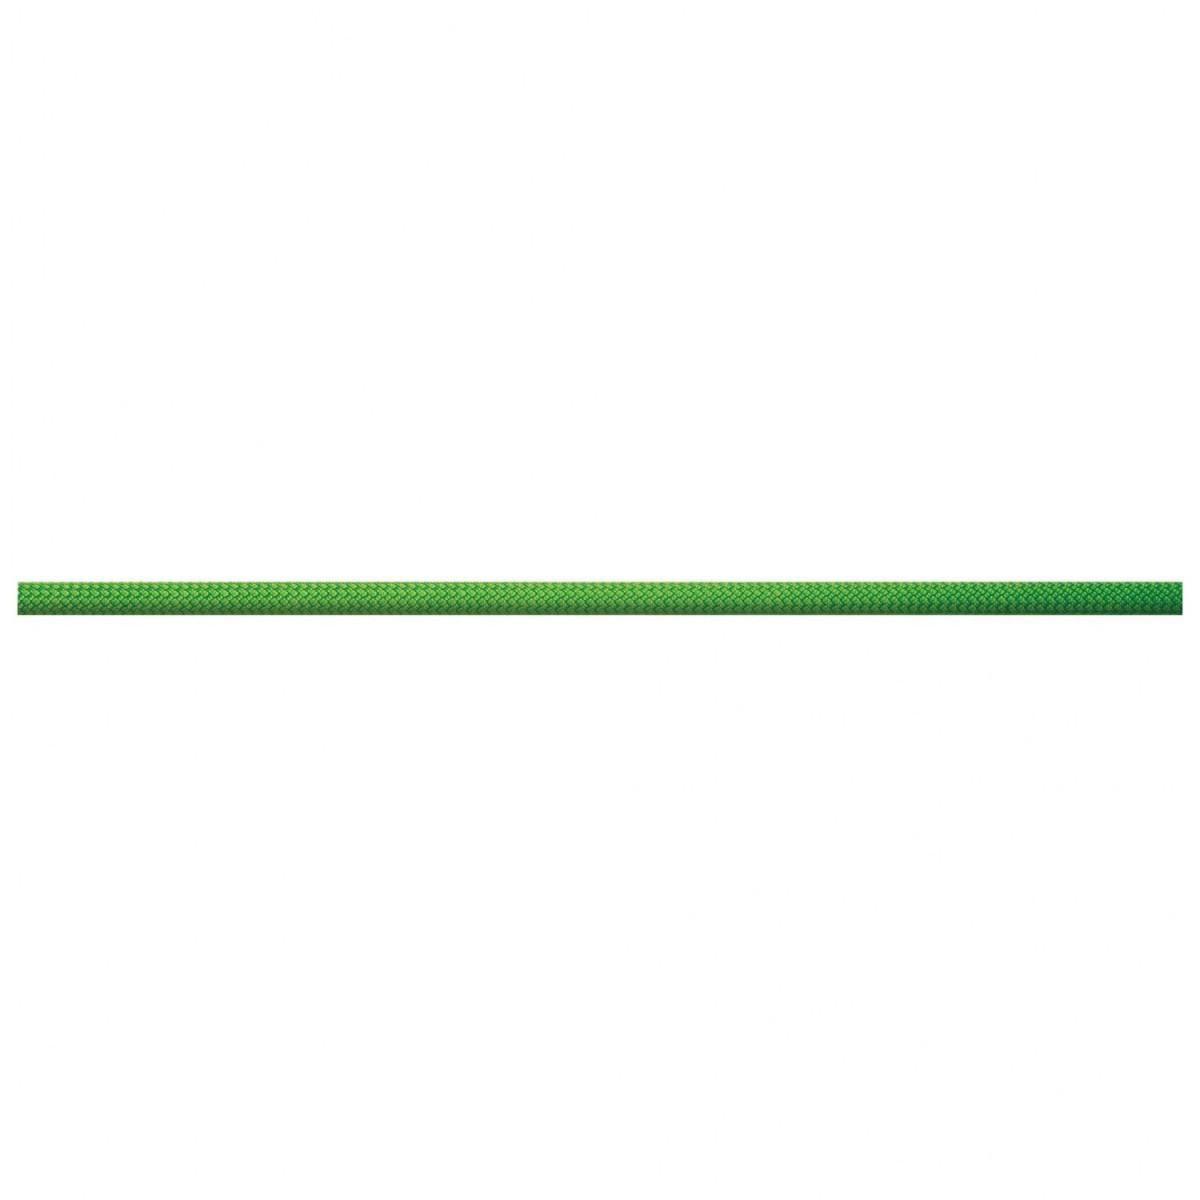 BEAL べアール Opera 8.5 mm(60m - Green)★ロープ・ザイル・登山・クライミング★